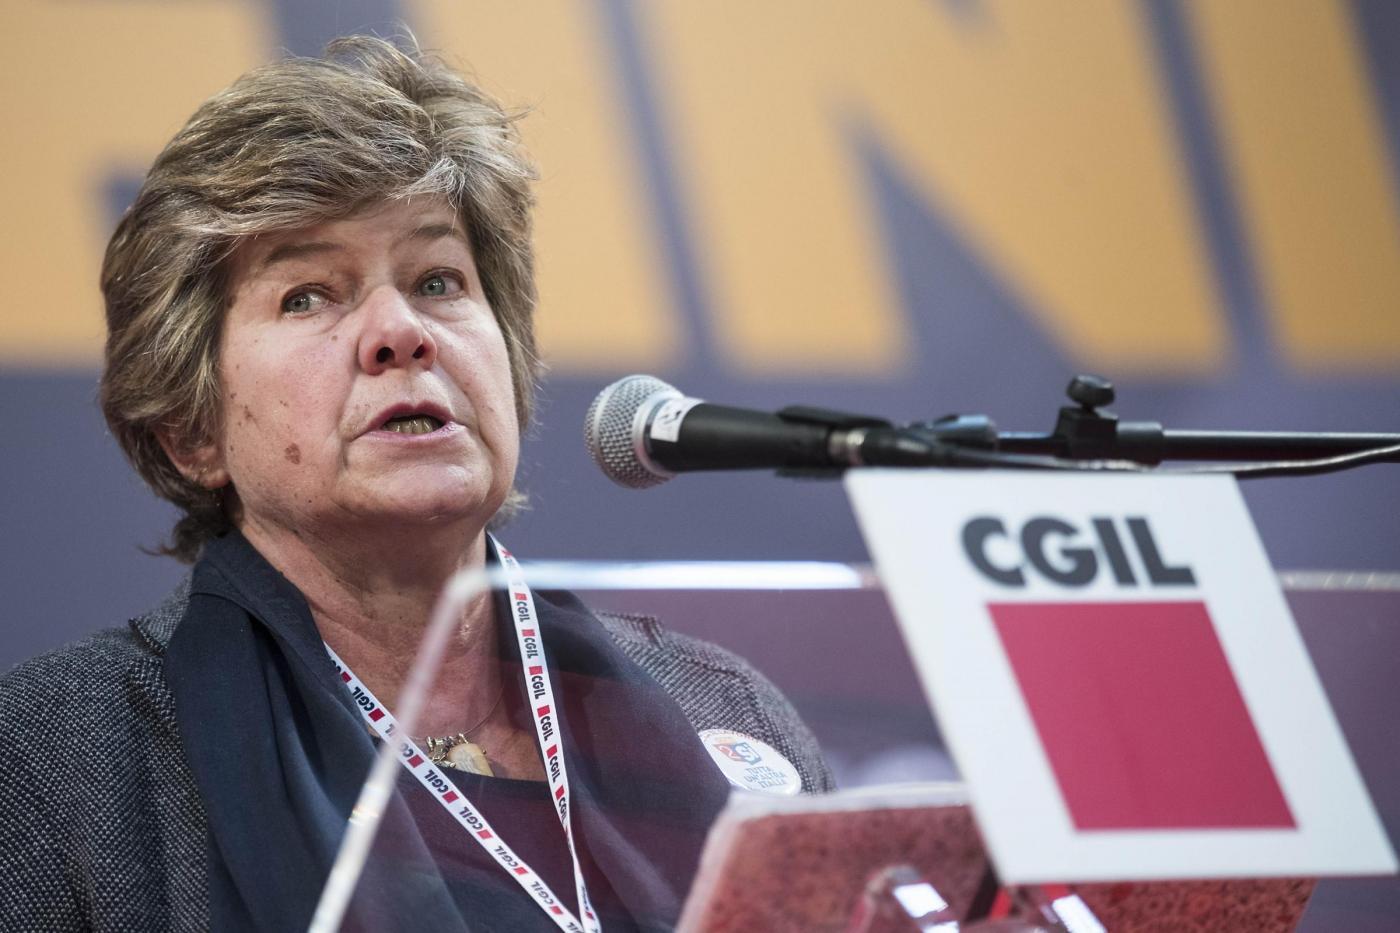 Stipendi sindacalisti: quanto guadagnano Susanna Camusso e gli altri leader?